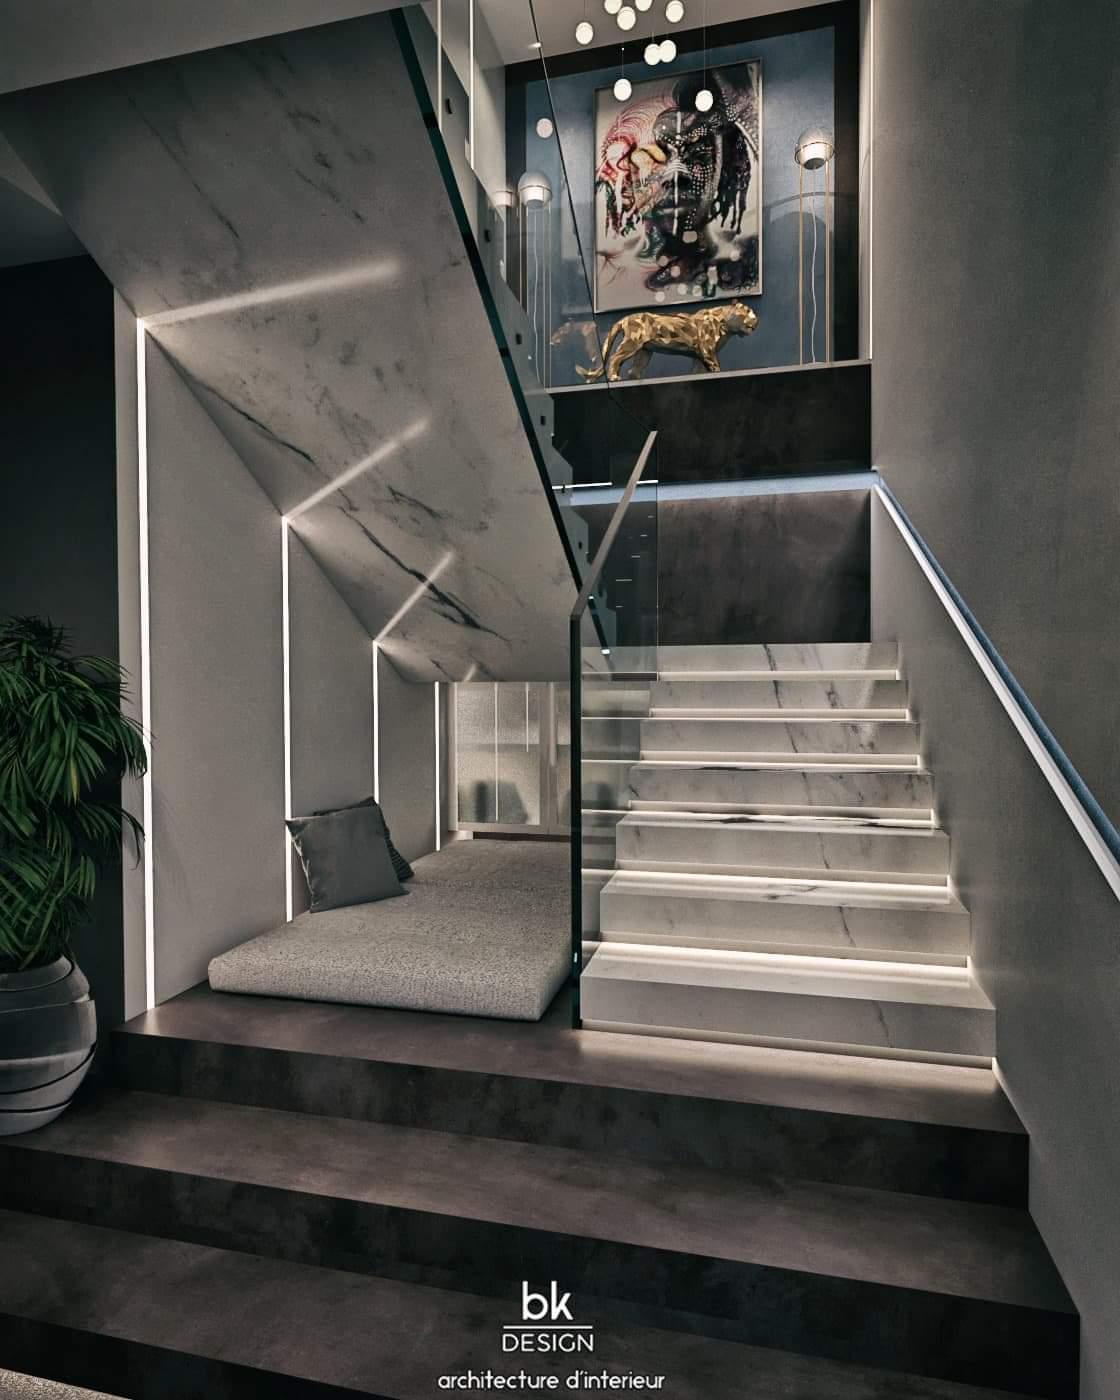 20 bk Design Projet Guenange 02 Escalier